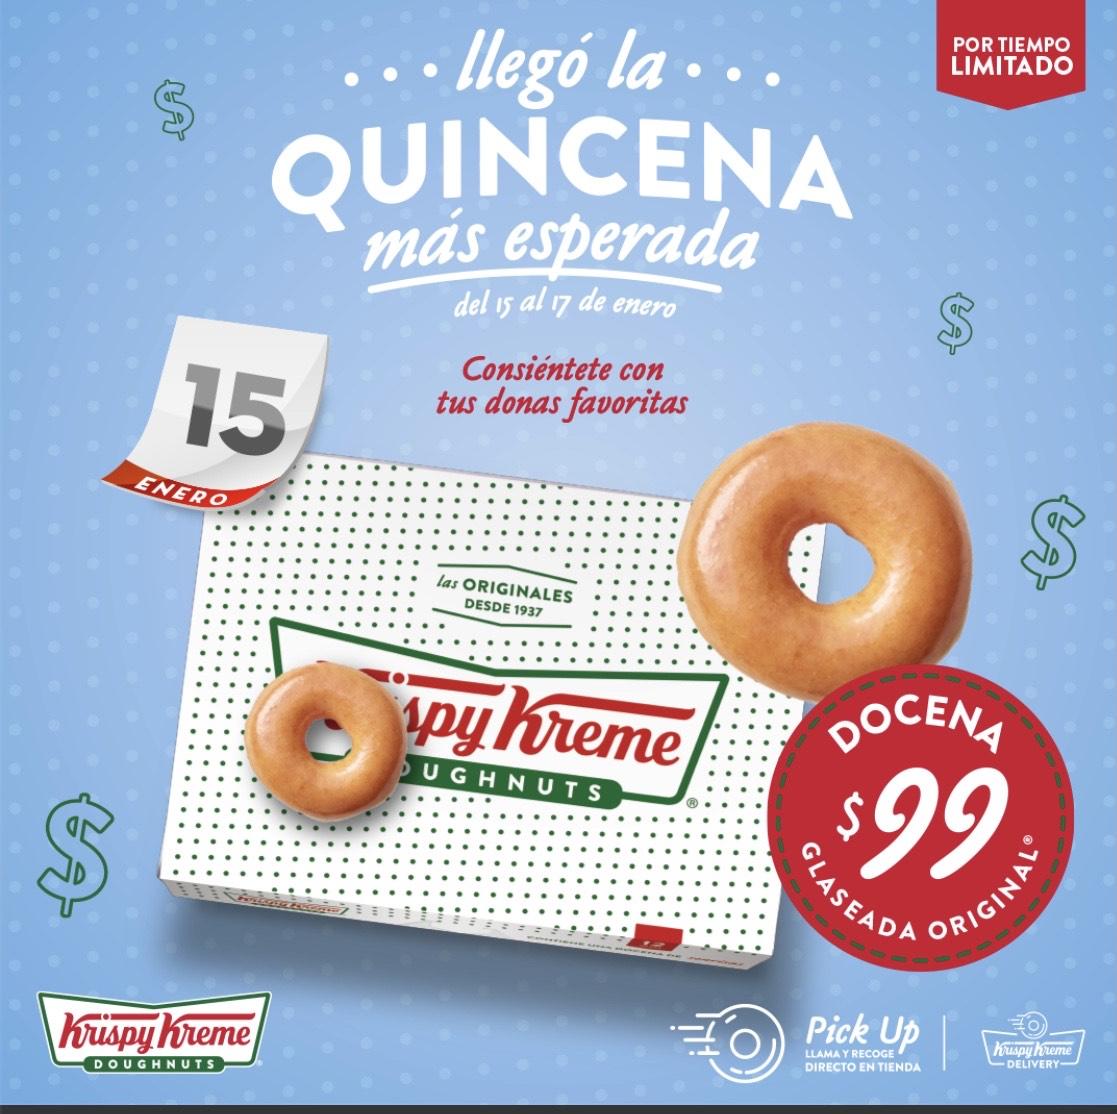 Krispy Kreme: Docena Glaceada a 99$ (del 15 al 17 de enero.)